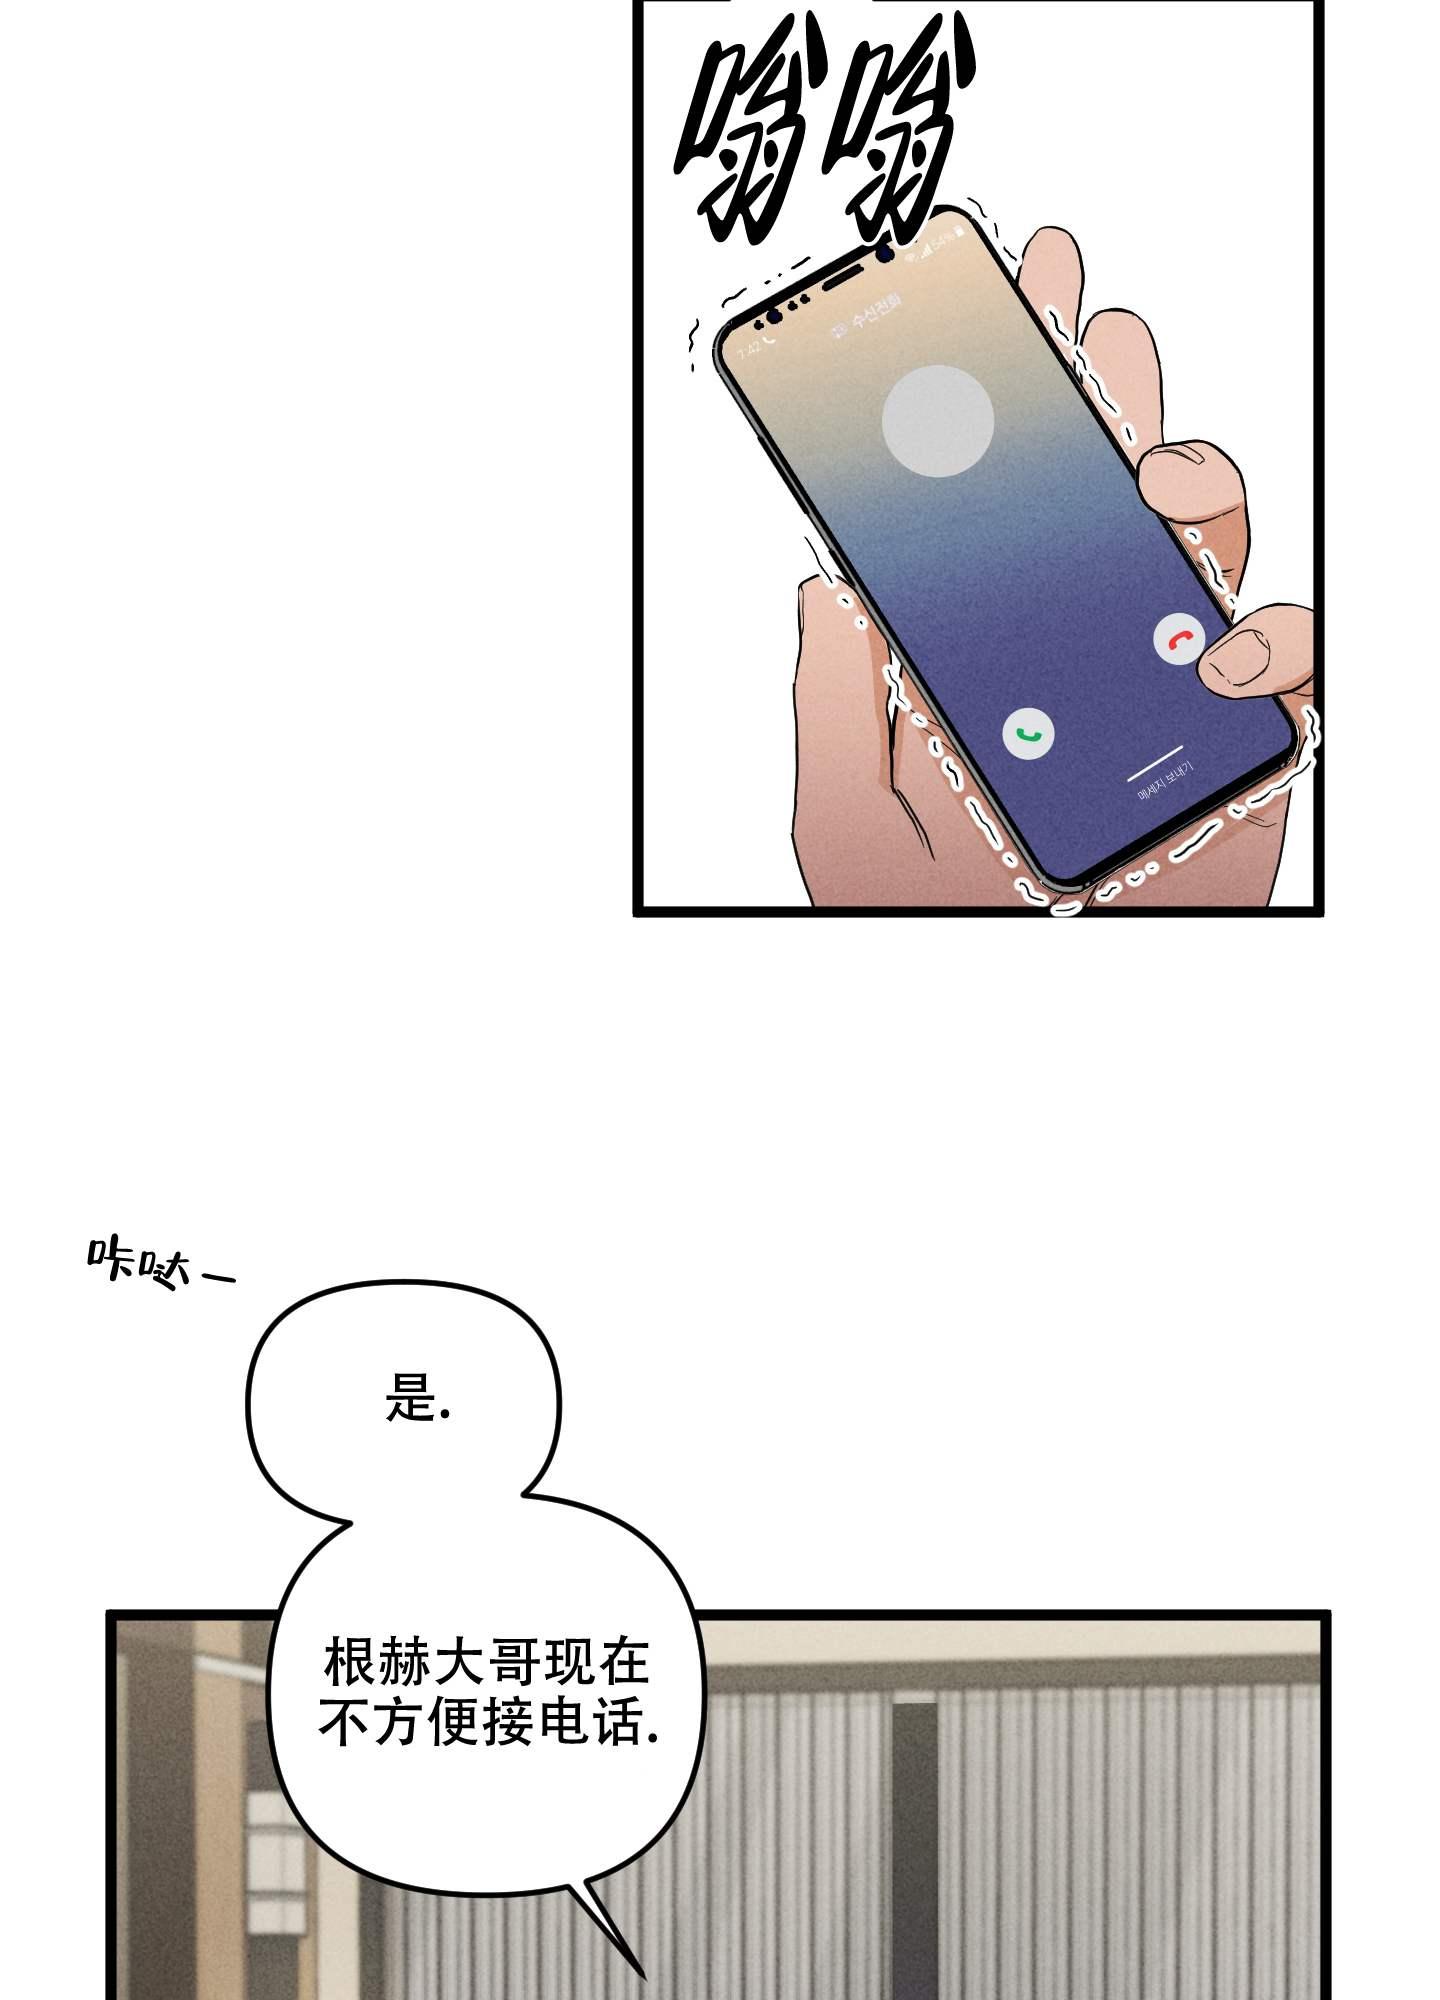 """韩漫《逃不开的命运》""""可以帮帮我吗?吴修远?"""""""